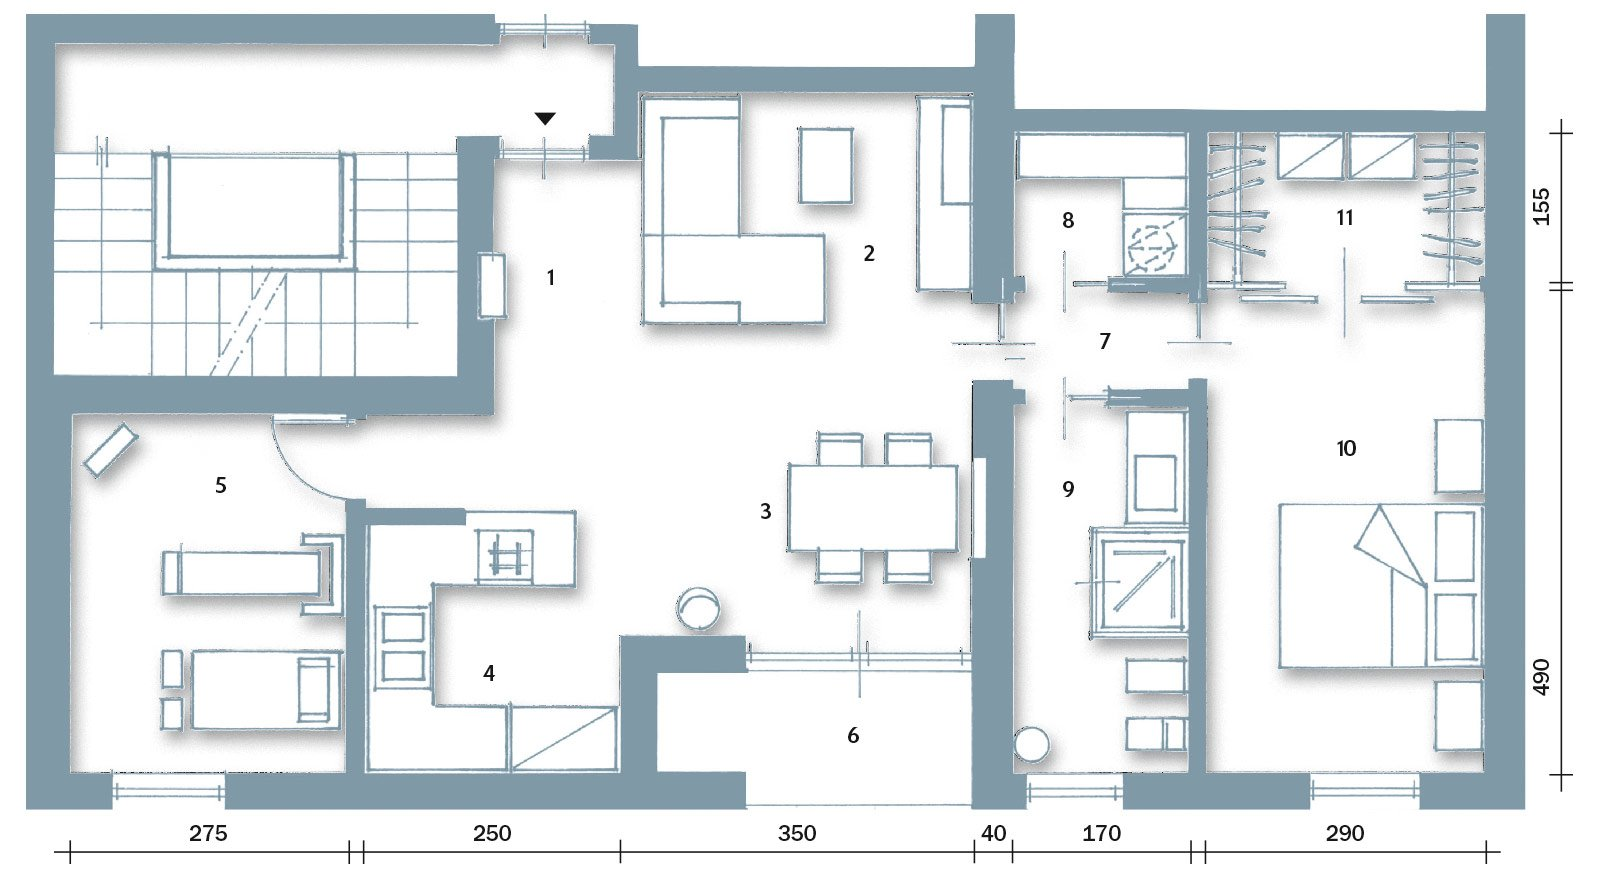 Casa con 10 trucchi 83 mq sembrano pi grandi cose di for Progetti di case piccole